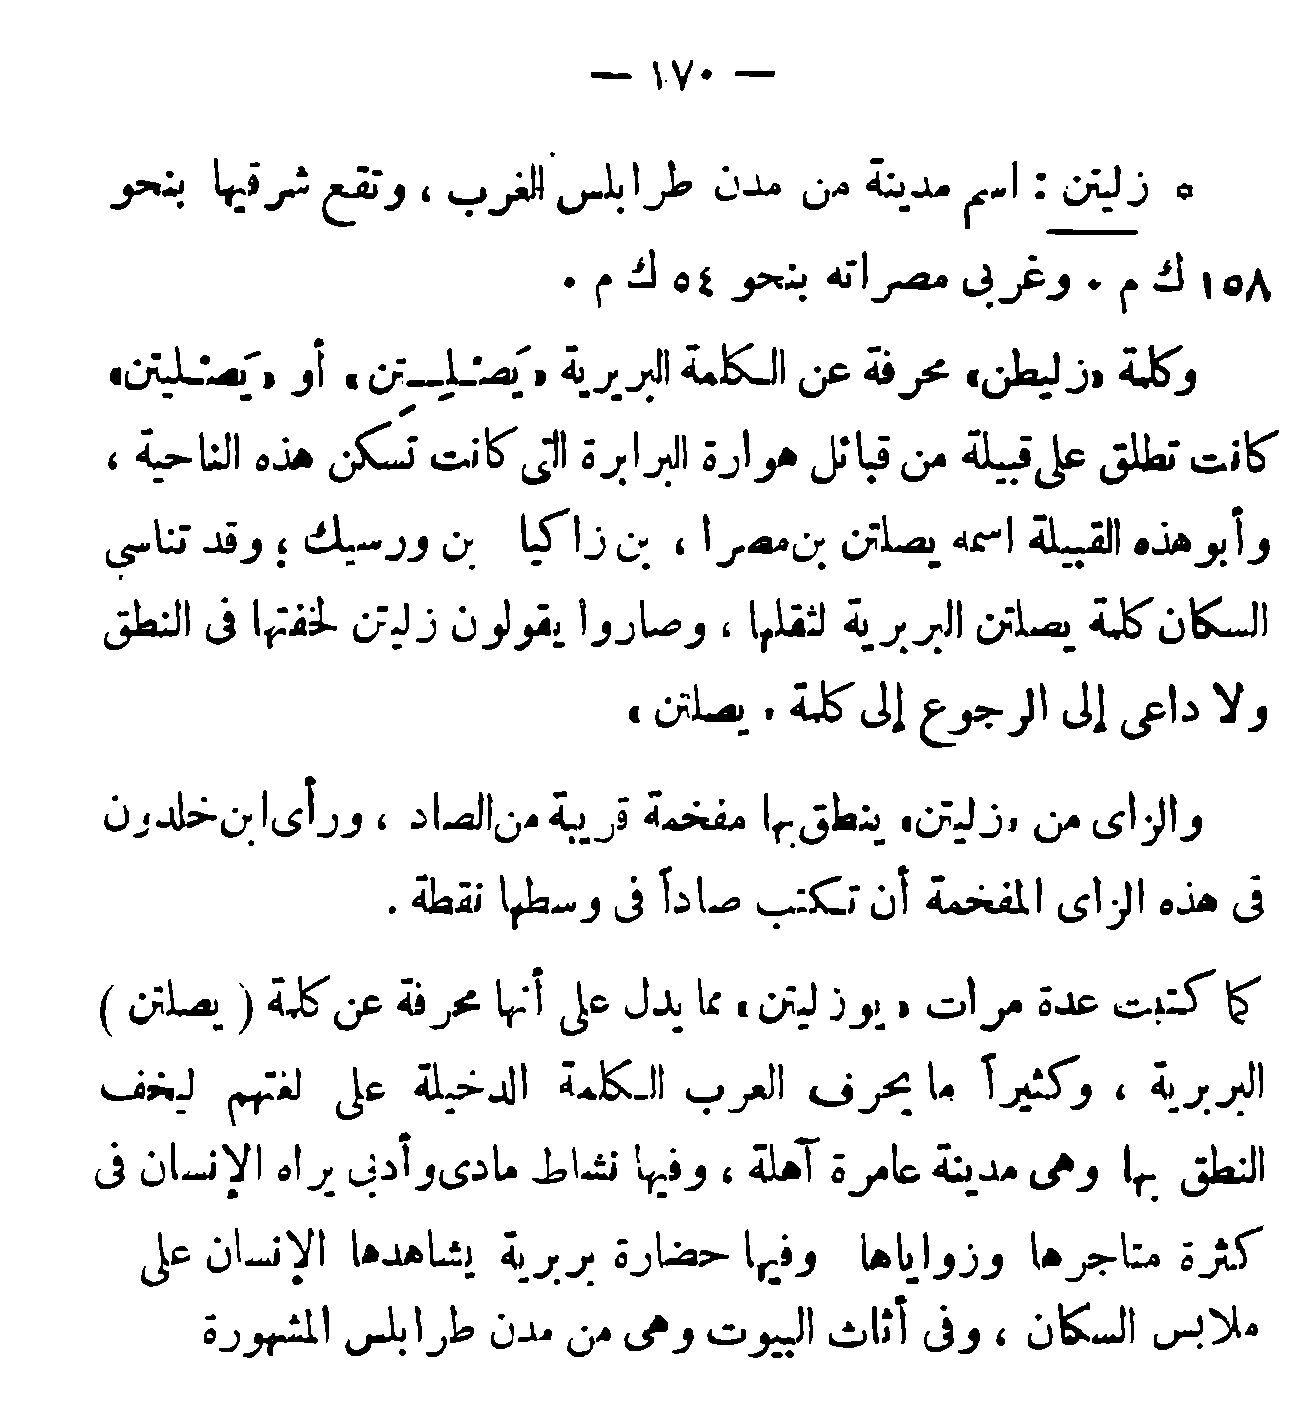 الطاهر الزاوي معجم البلدان الليبية زليتن ص170